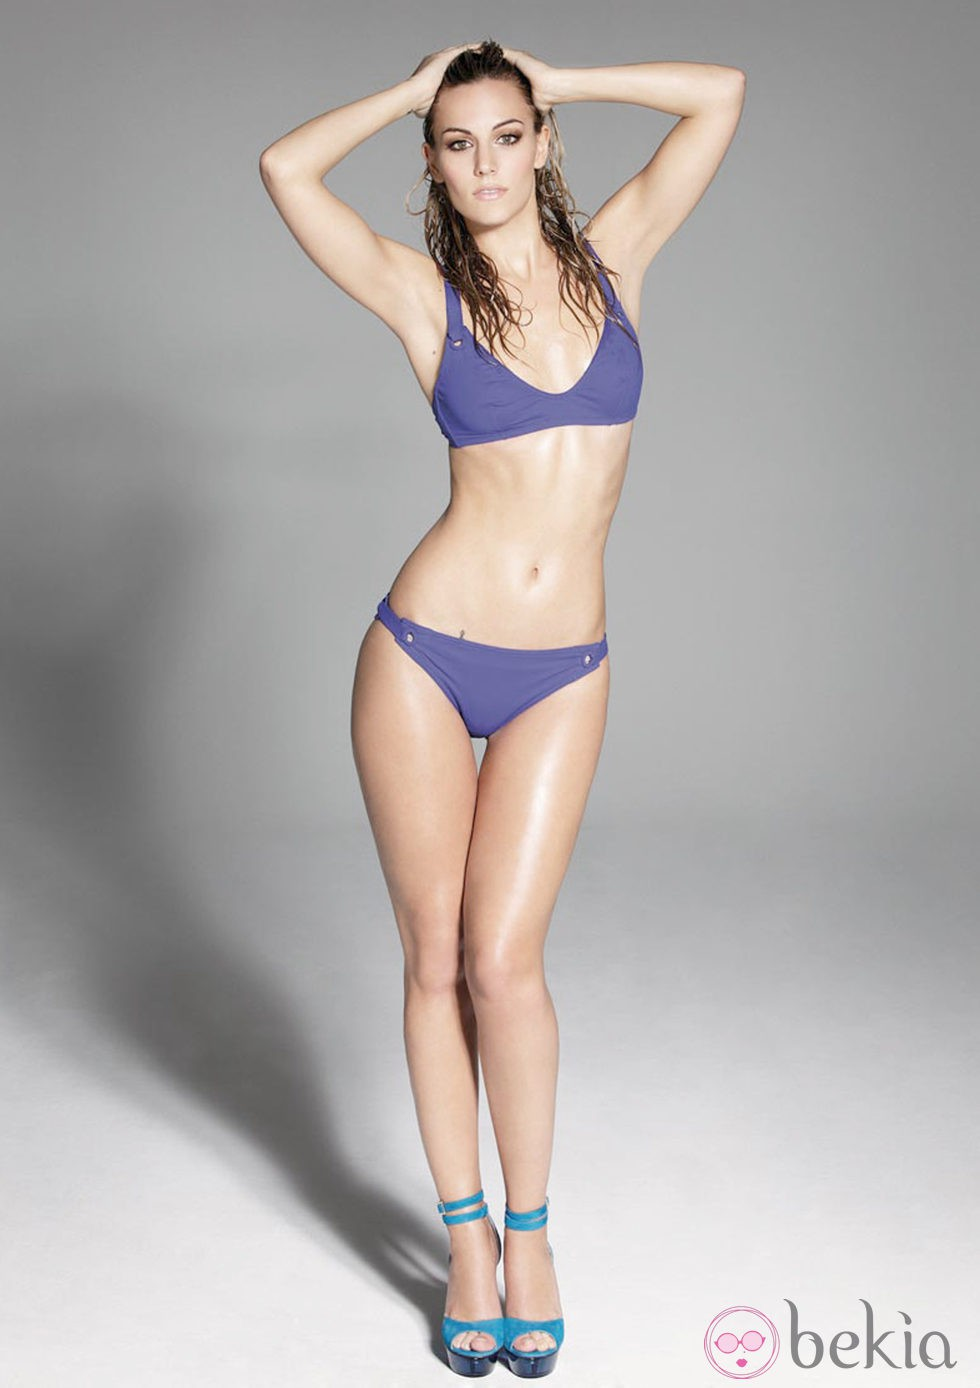 Mejor bikini cera nueva york